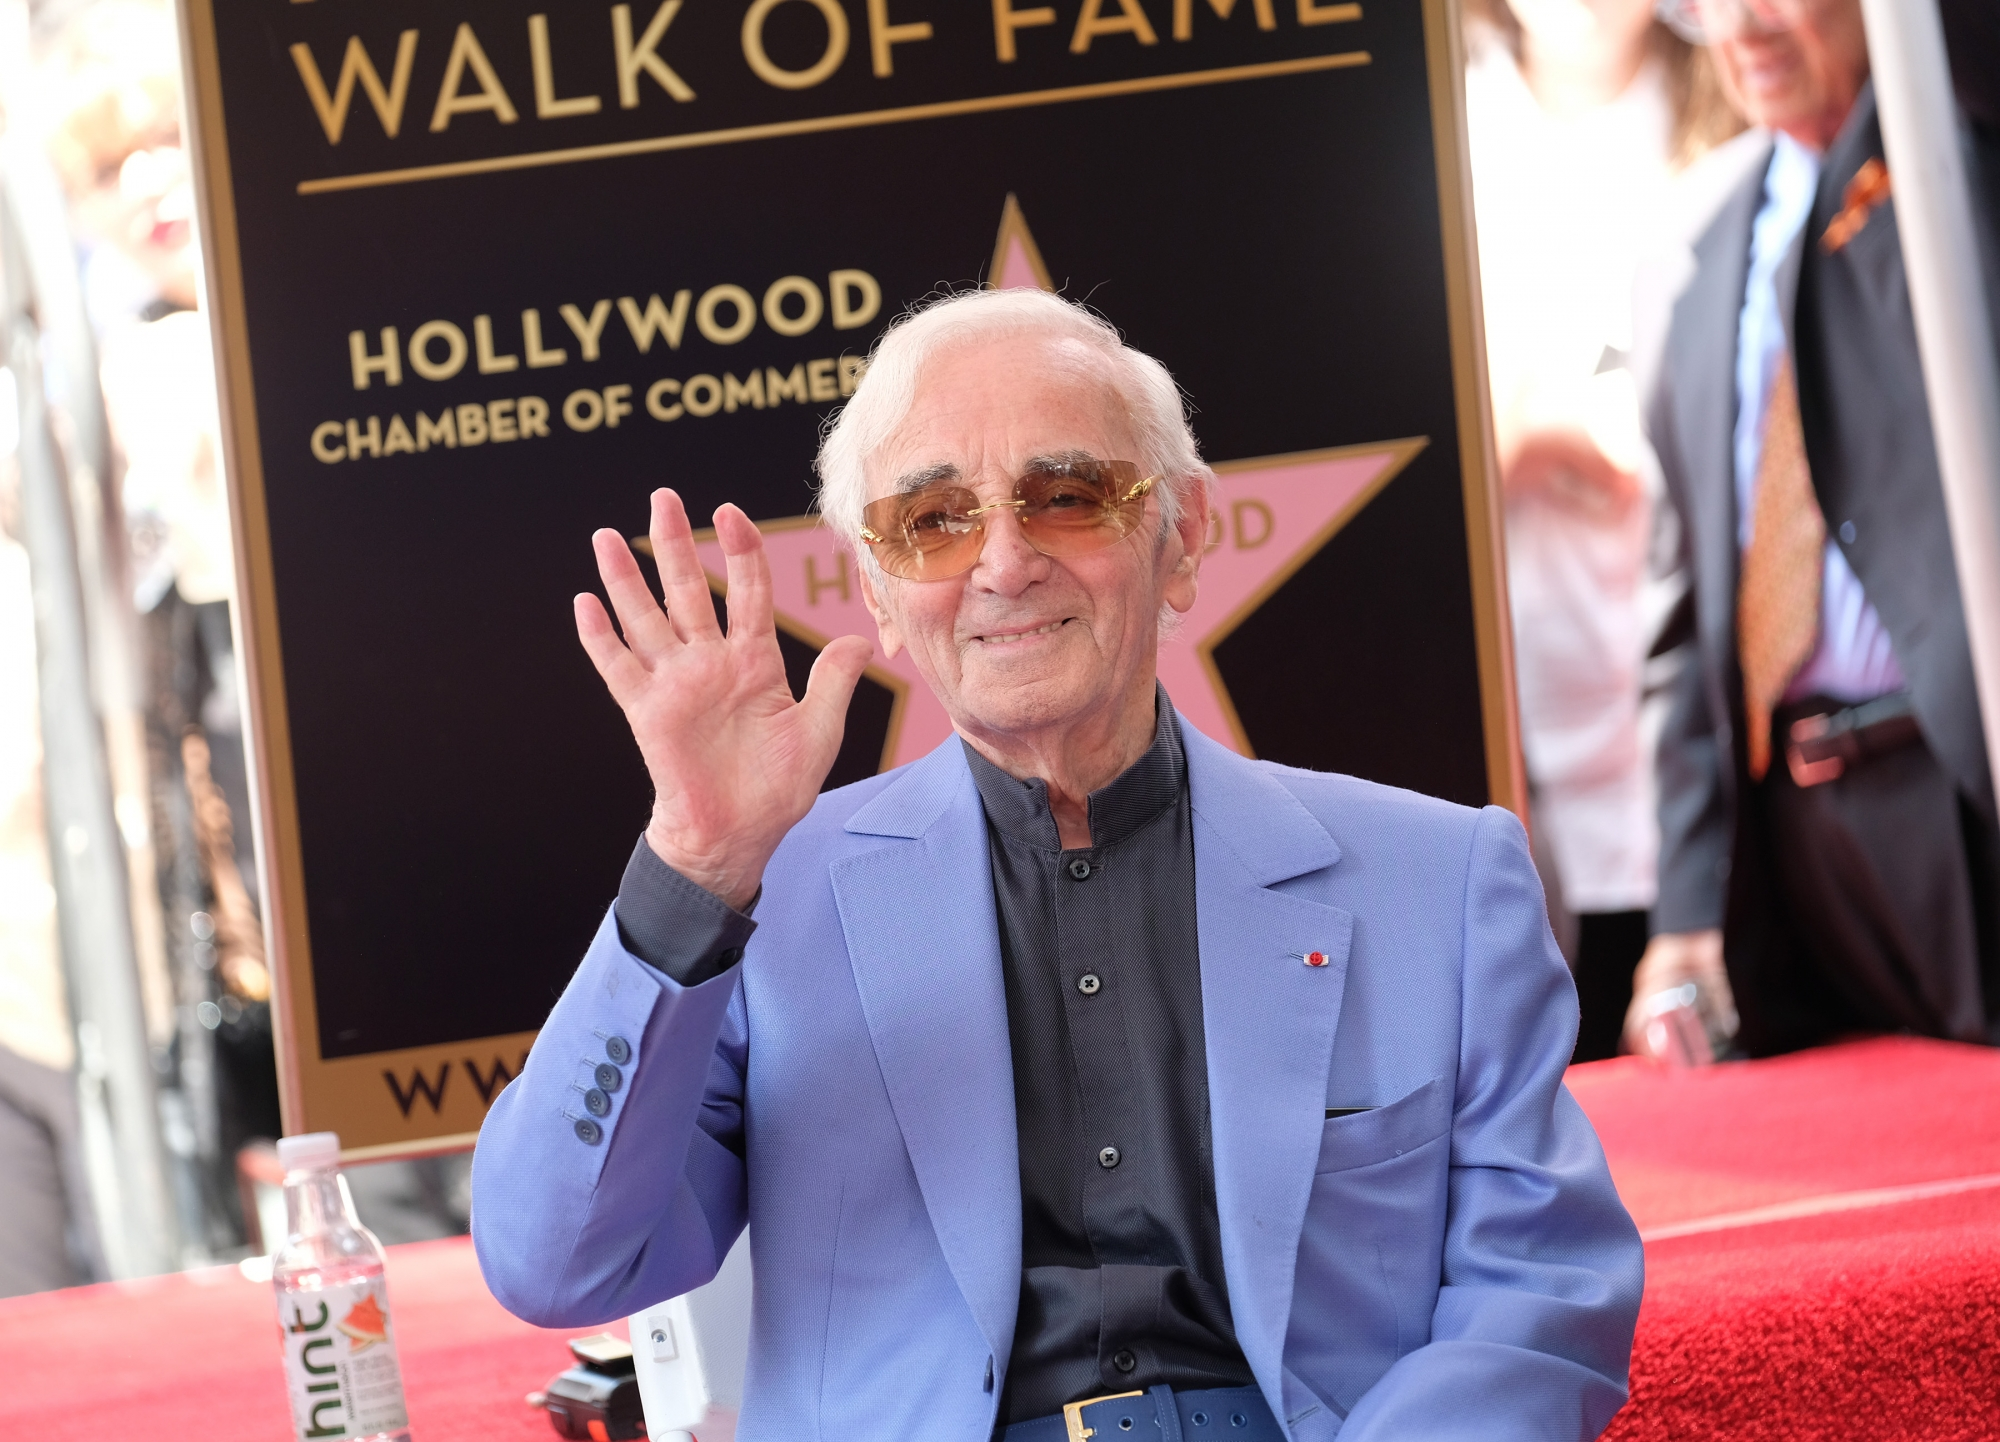 Santé Charles Aznavour contraint d'annuler un concert, ses fans inquiets